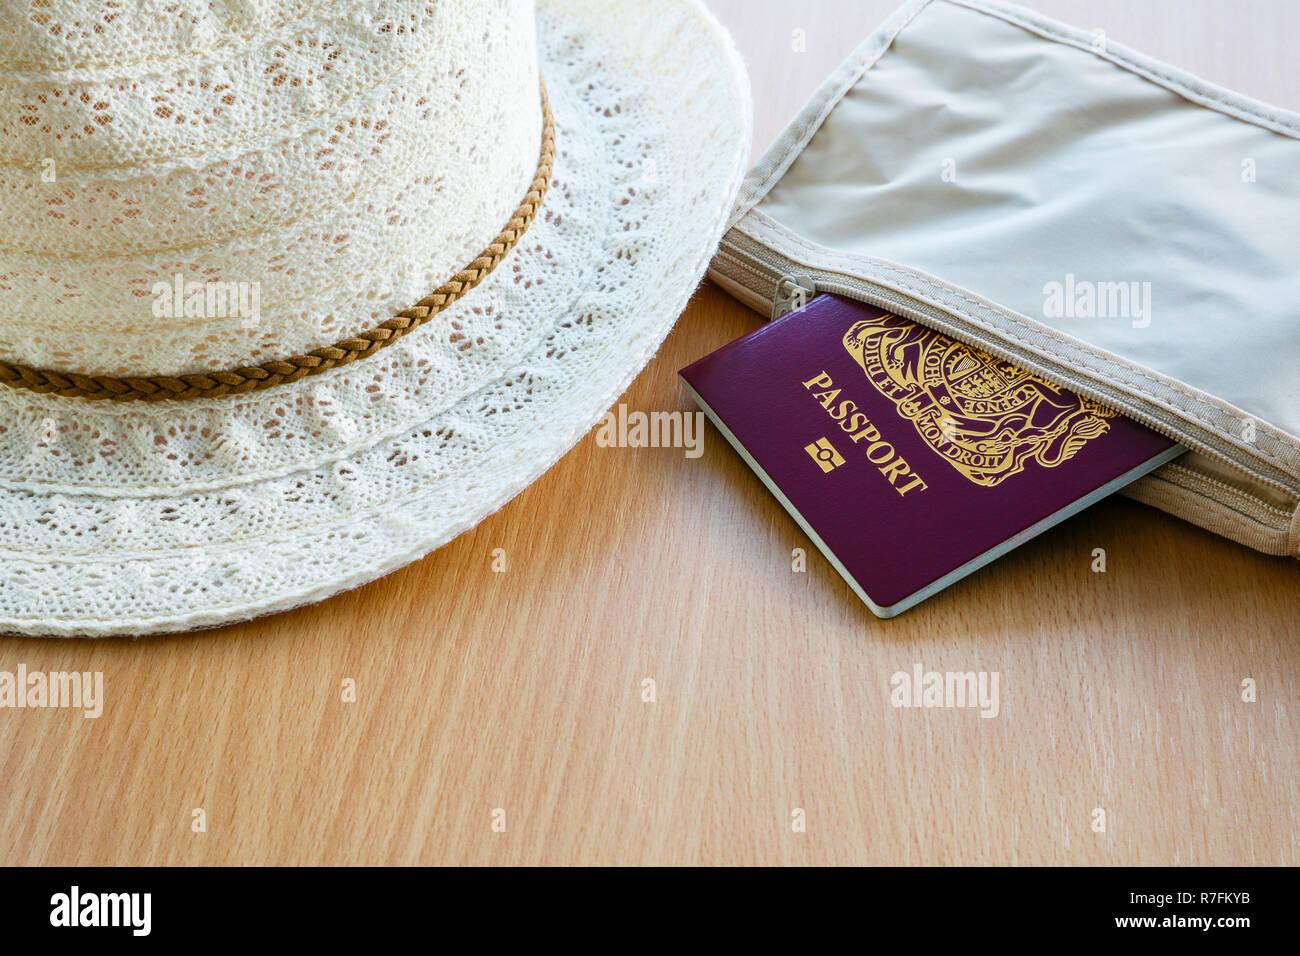 Reisen, für Reisen ins Ausland Britischen biometrischen Pass in einer Mappe mit Lady's Sonnenhut auf einem Tisch. England, Großbritannien, Großbritannien Stockbild